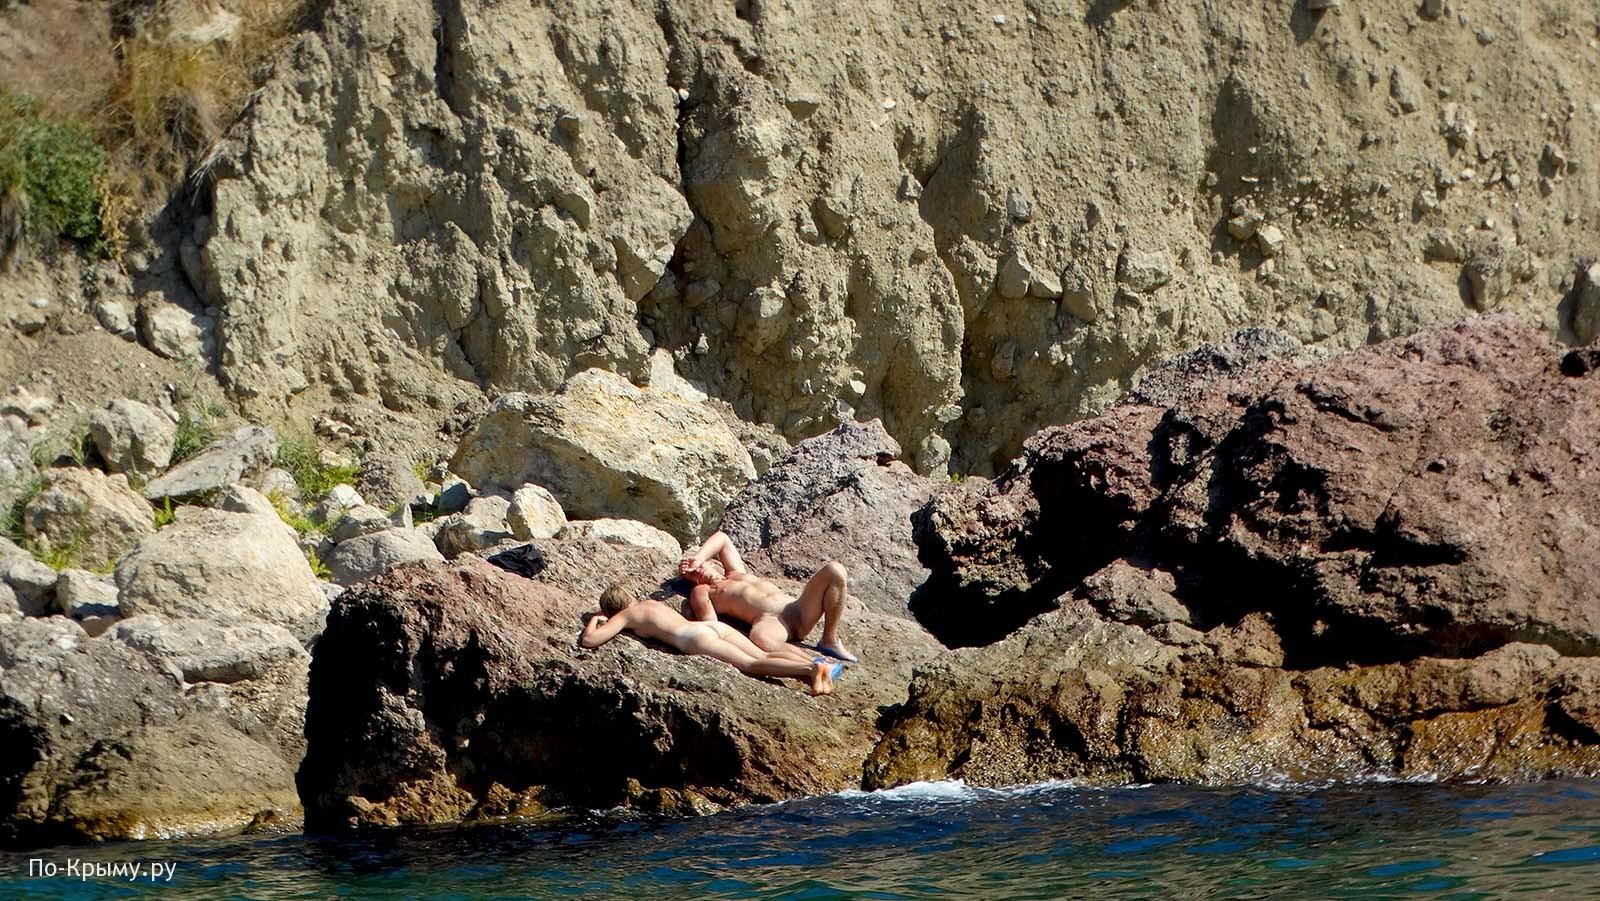 Нудисты отдыхают под Балаклавой